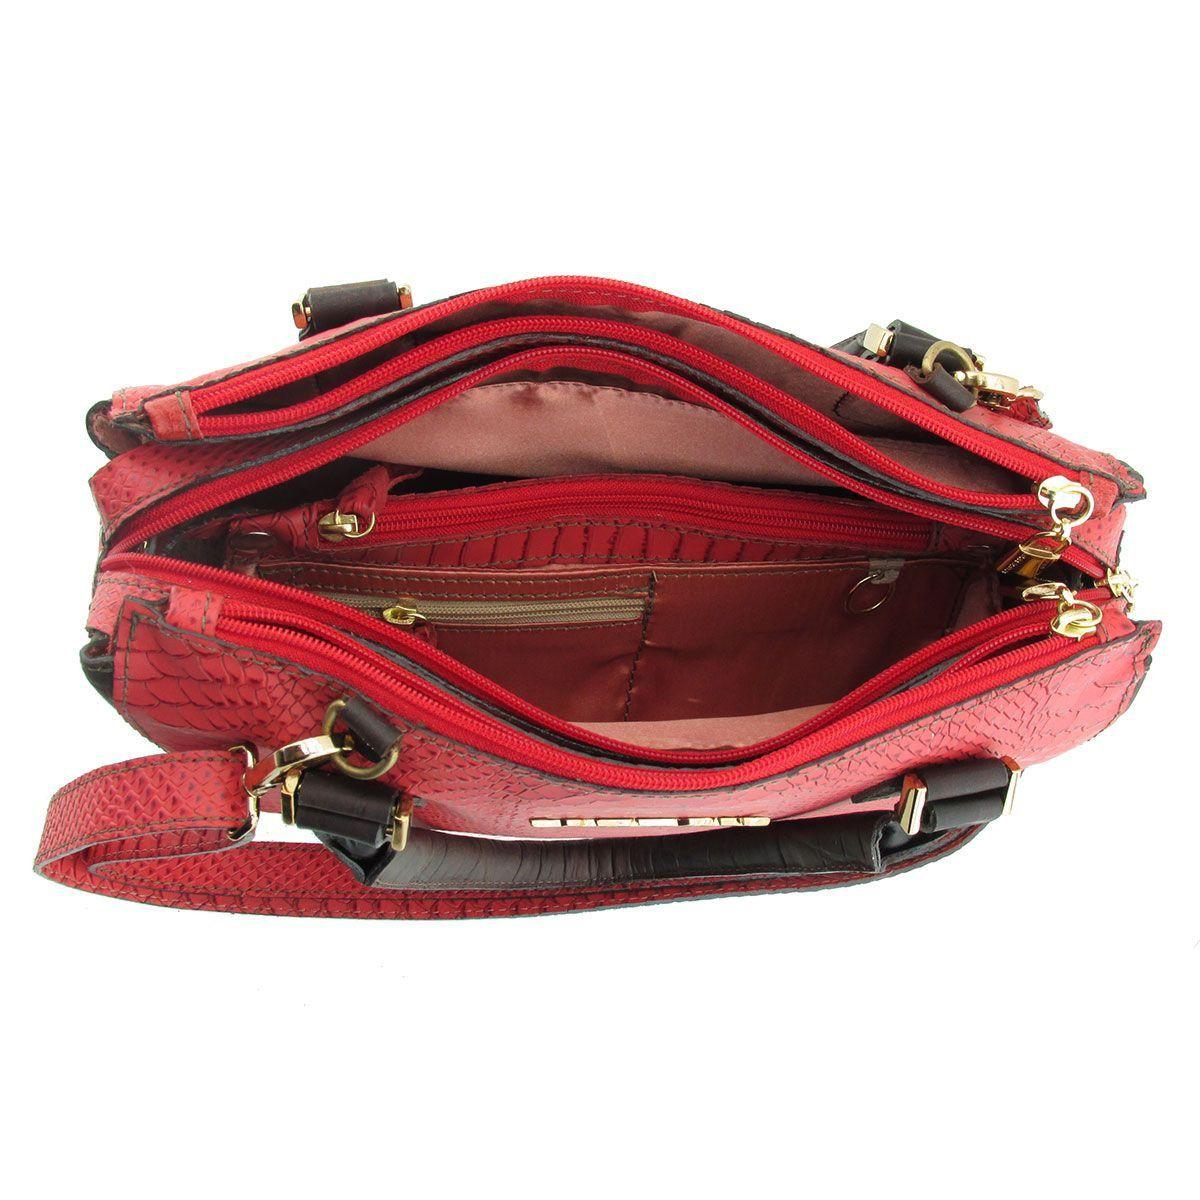 Bolsa Couro Pequena Vermelha